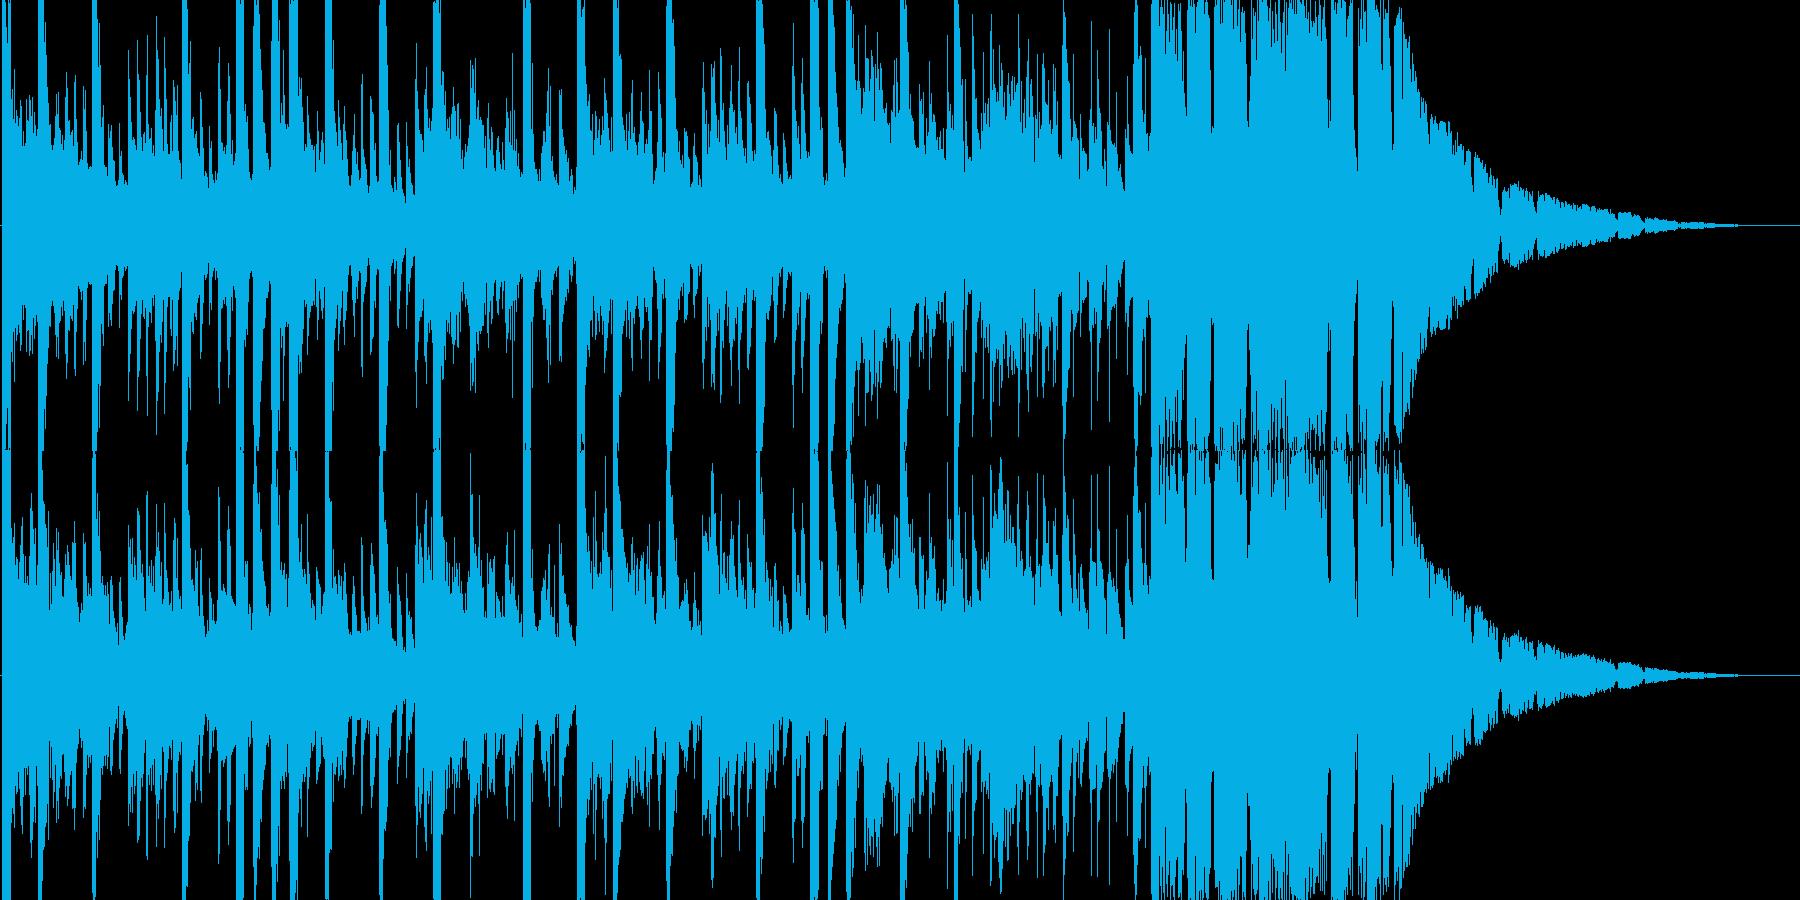 攻撃的なパワフルエレクトロニカBGMの再生済みの波形